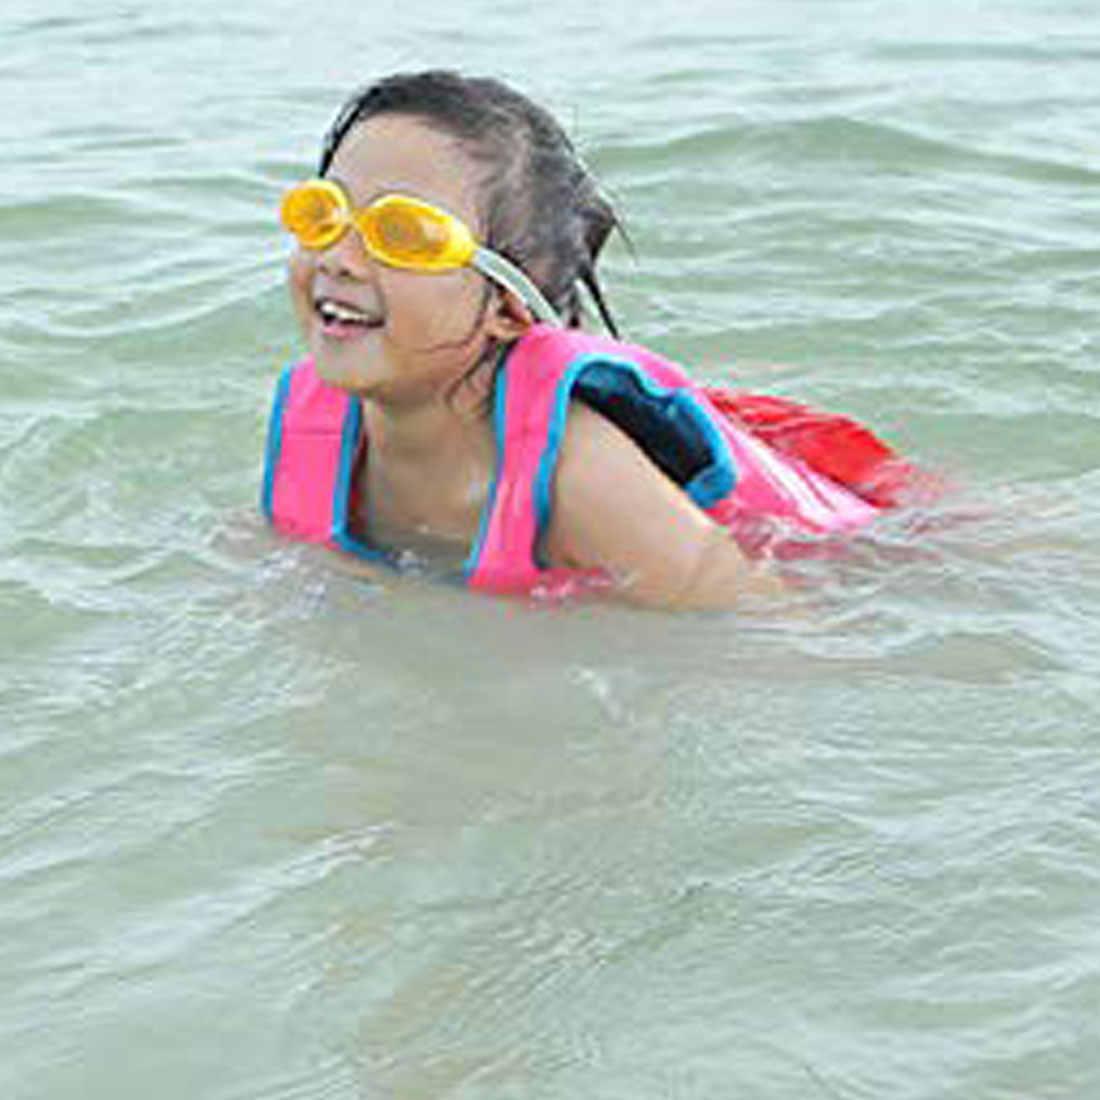 เด็กว่ายน้ำลอยเสื้อกั๊ก Thicken ชุดว่ายน้ำเด็กเสื้อชูชีพลอยชุดว่ายน้ำลอยสระว่ายน้ำอุปกรณ์เสริม